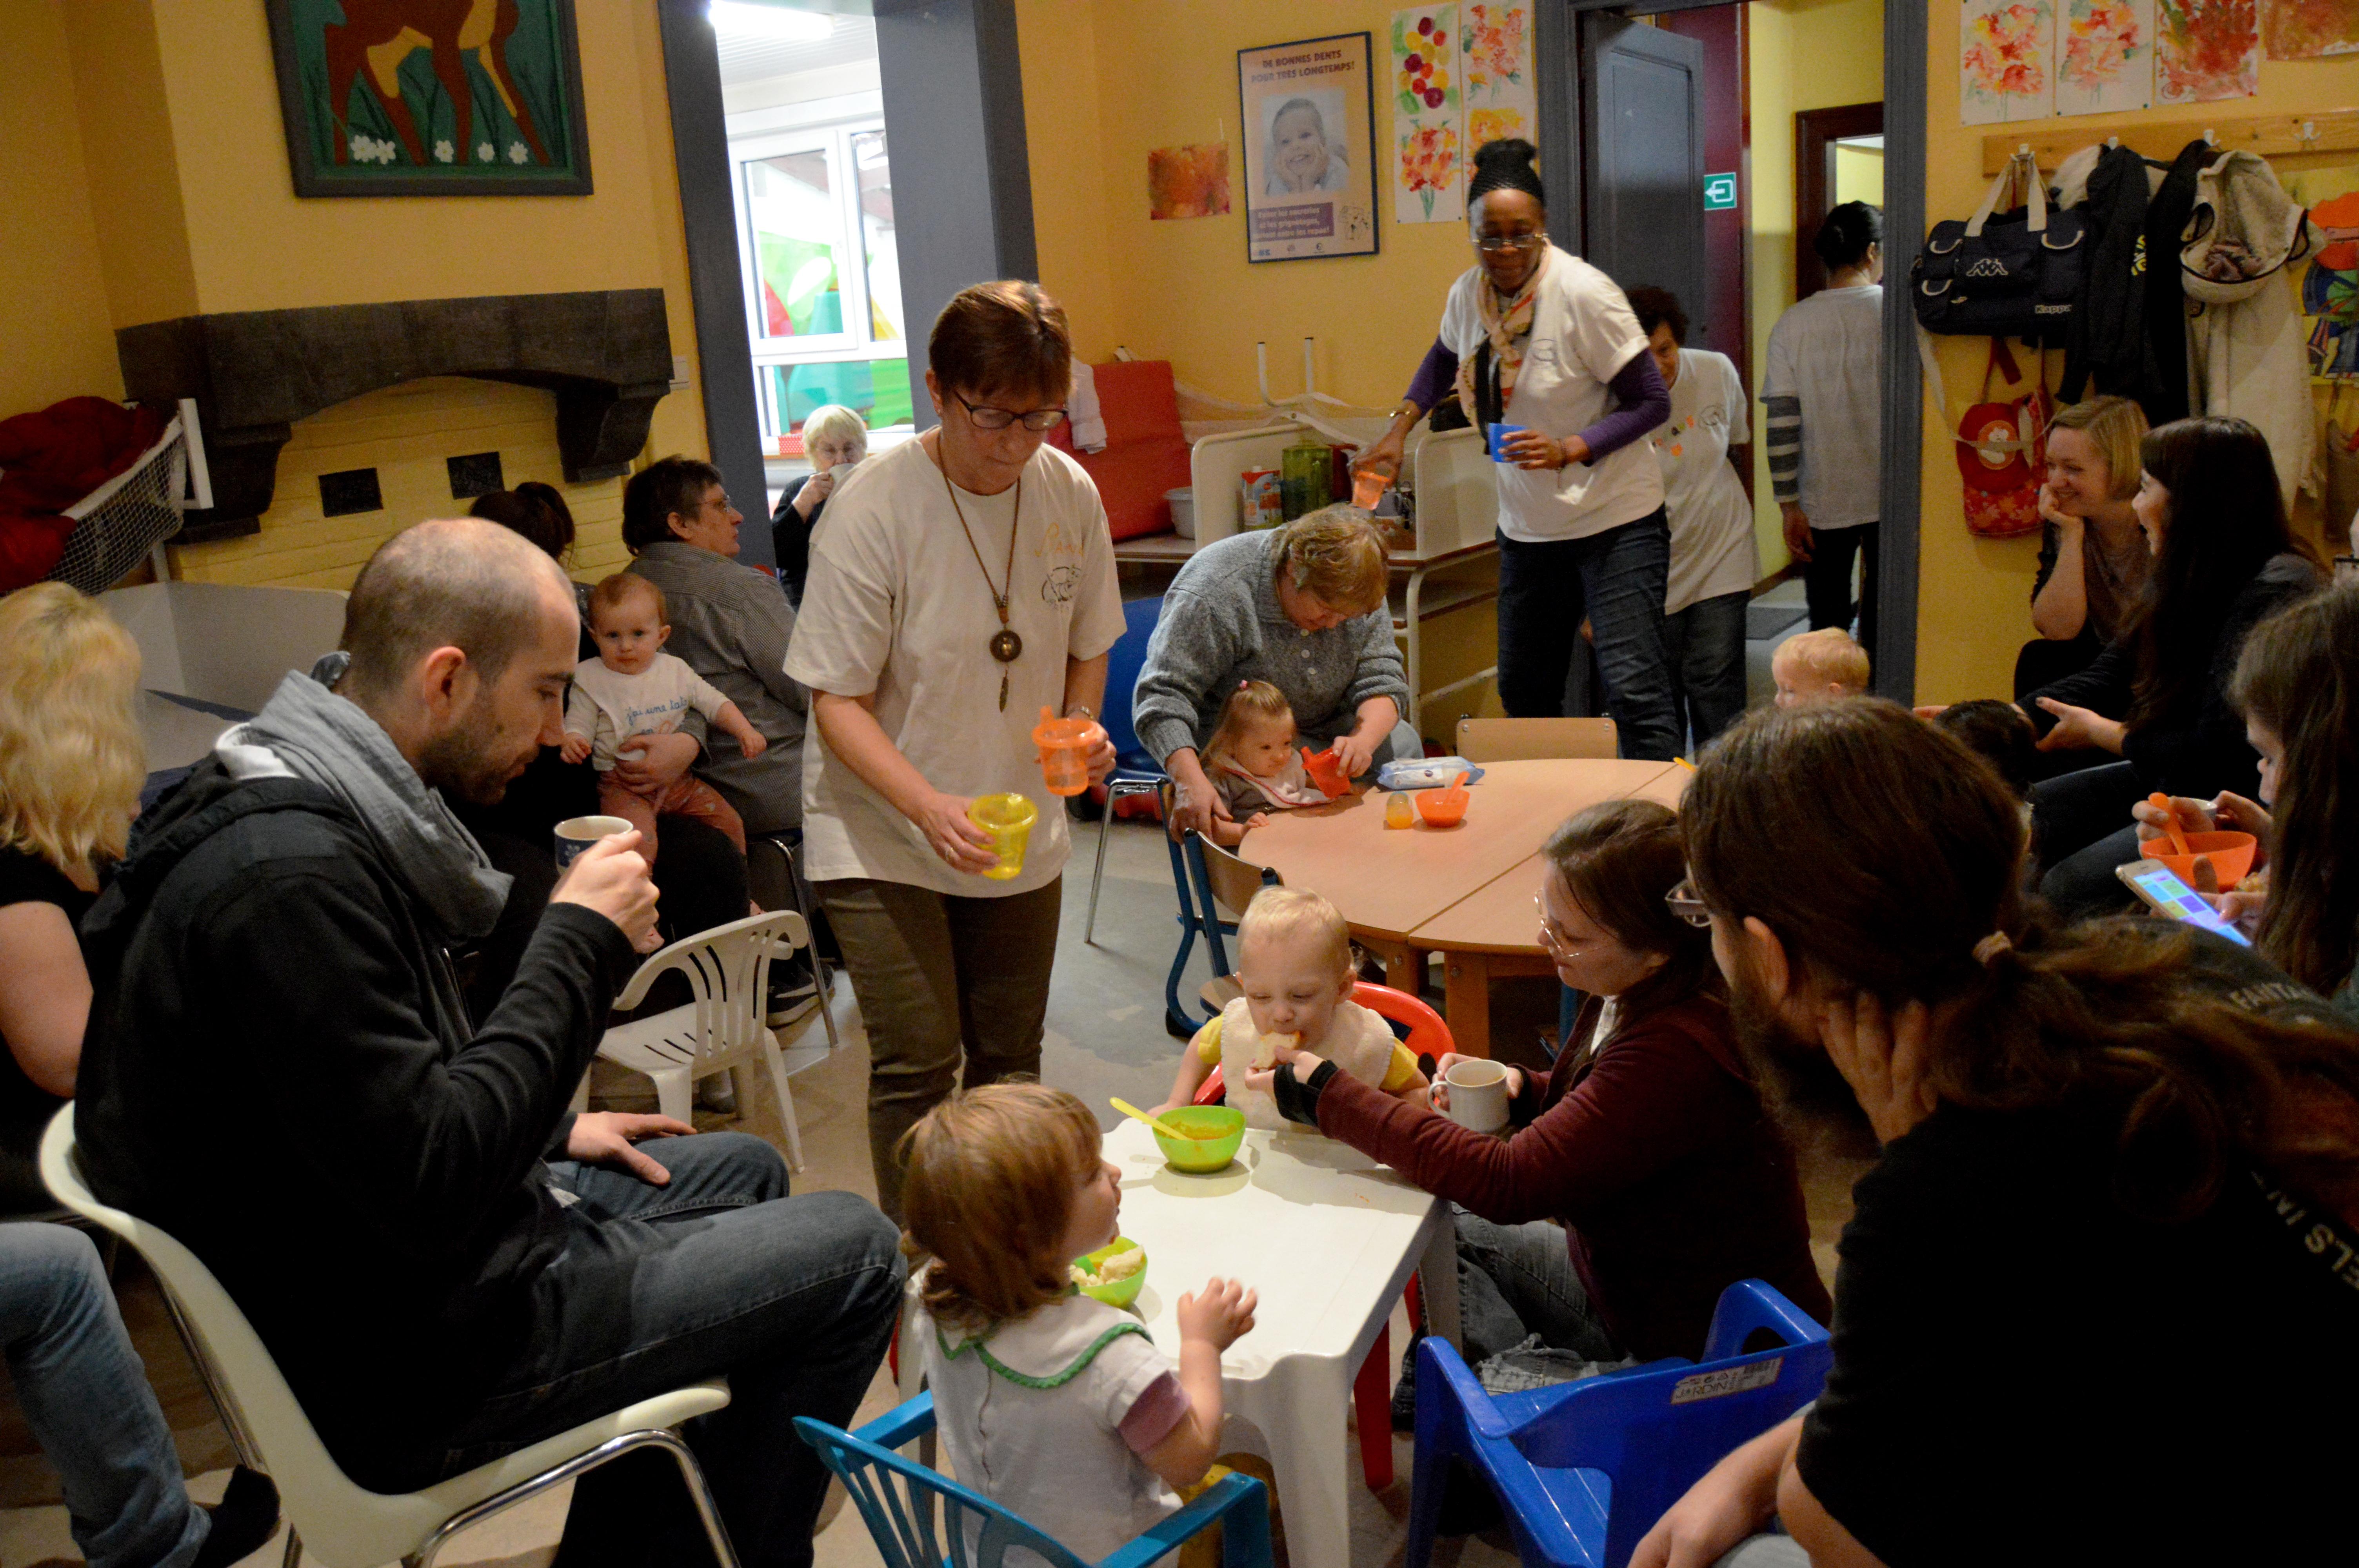 Les bénévoles distribuent la soupe, les enfants la mangent.